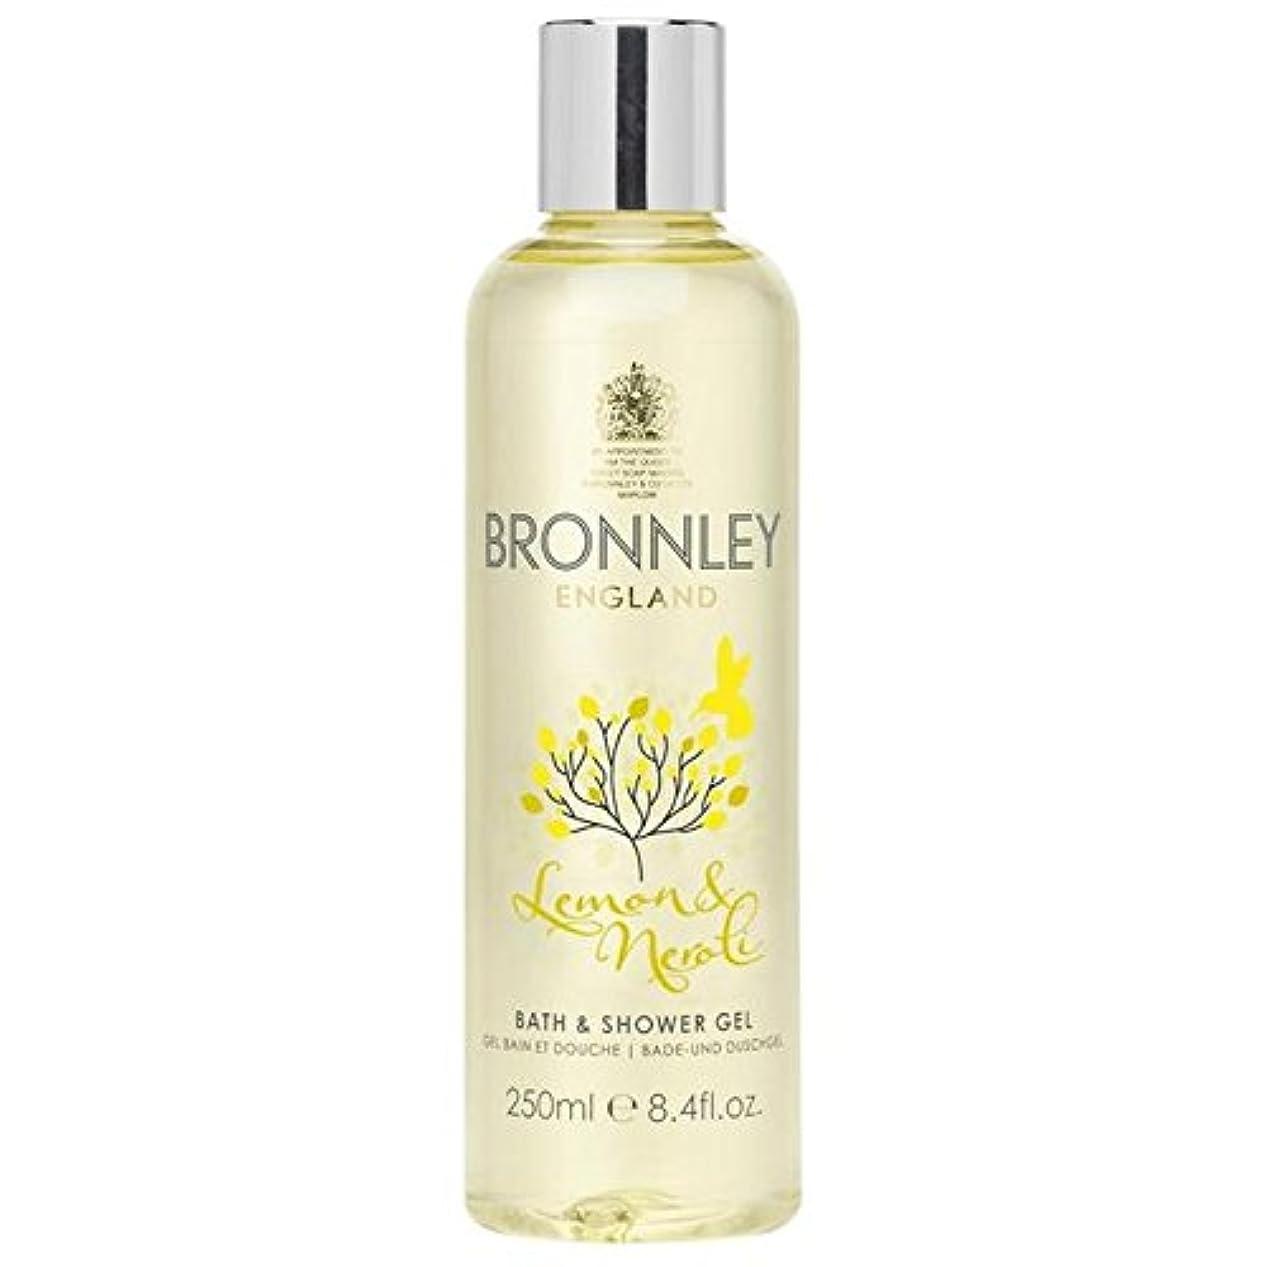 裁量優先権論理的レモン&ネロリバス&シャワージェル250ミリリットル x4 - Bronnley Lemon & Neroli Bath & Shower Gel 250ml (Pack of 4) [並行輸入品]